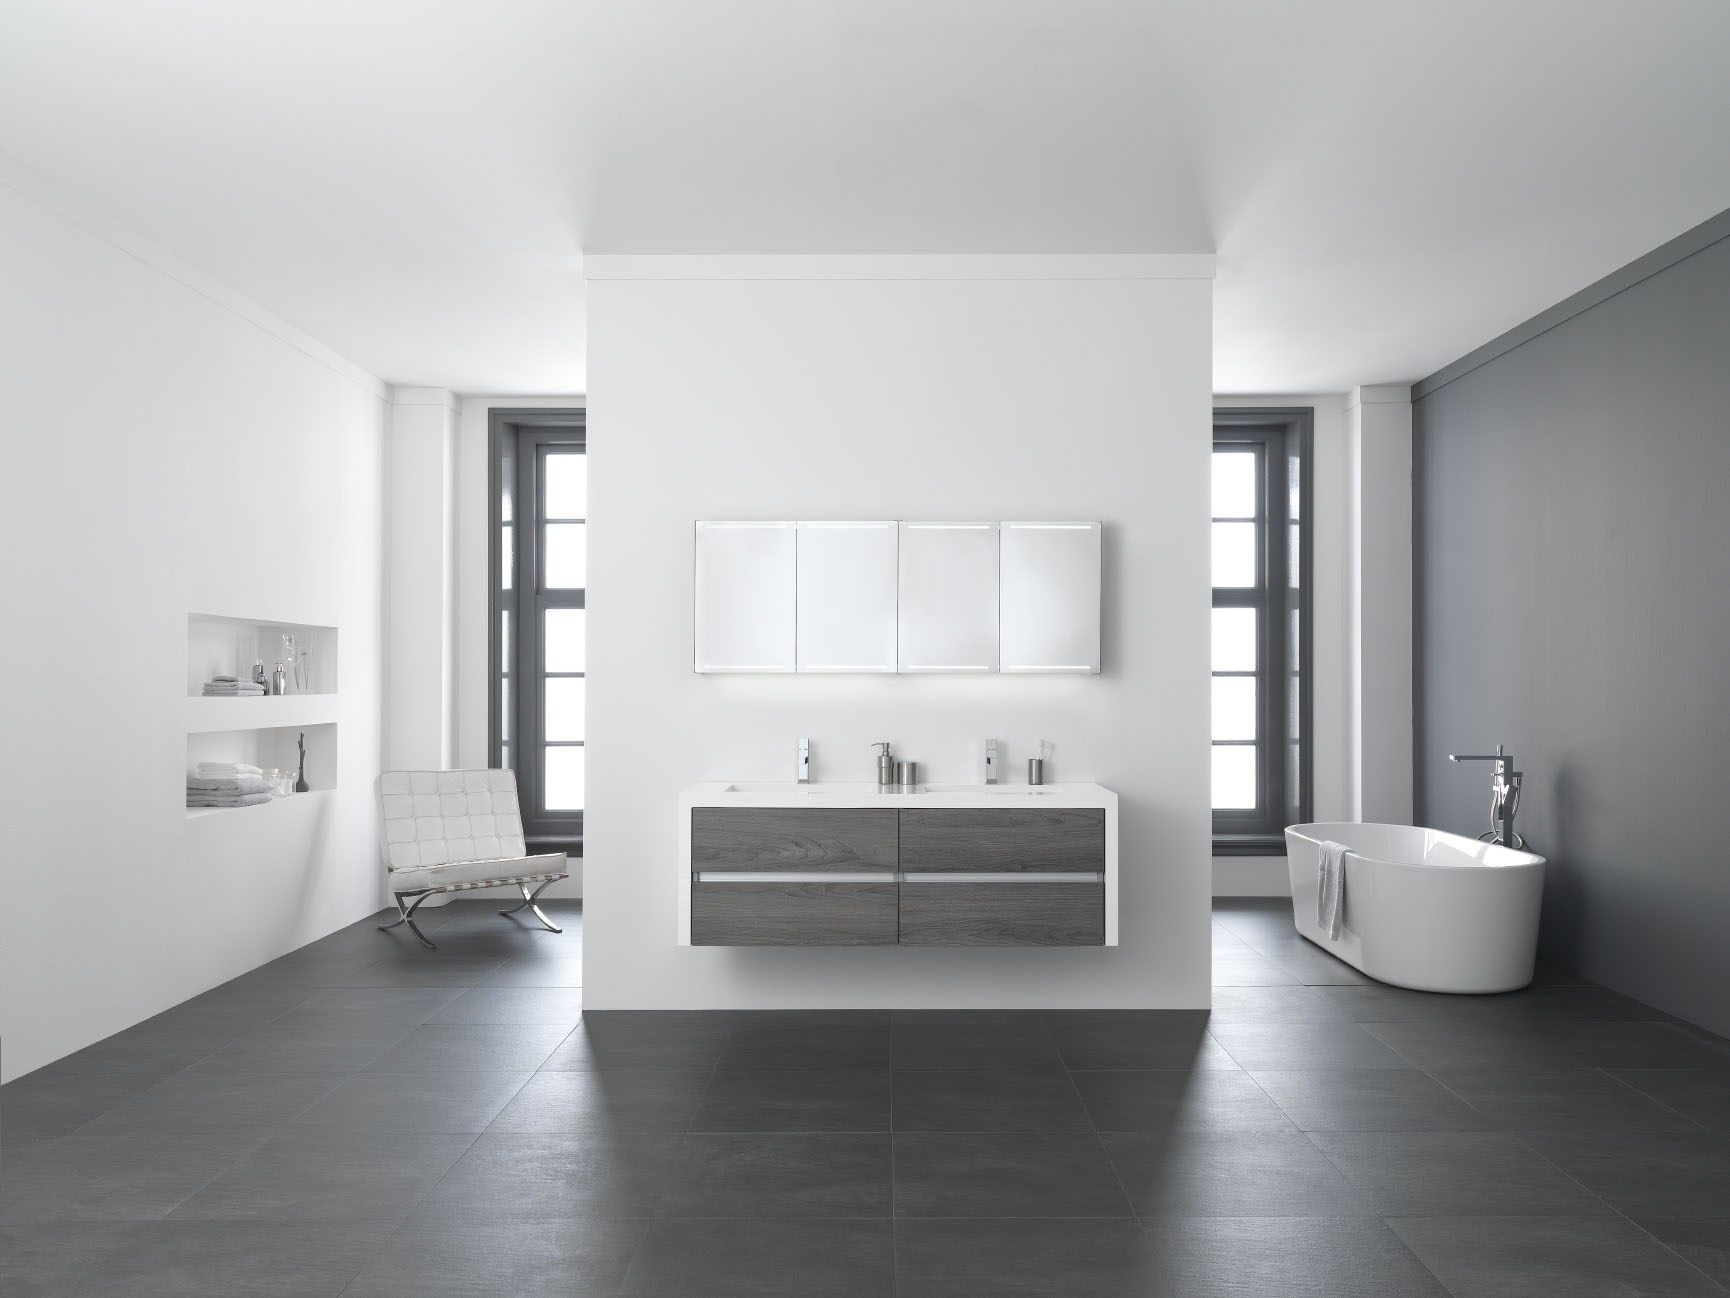 Luxe spiegelkast van thebalux badkamermeubelen met led verlichting